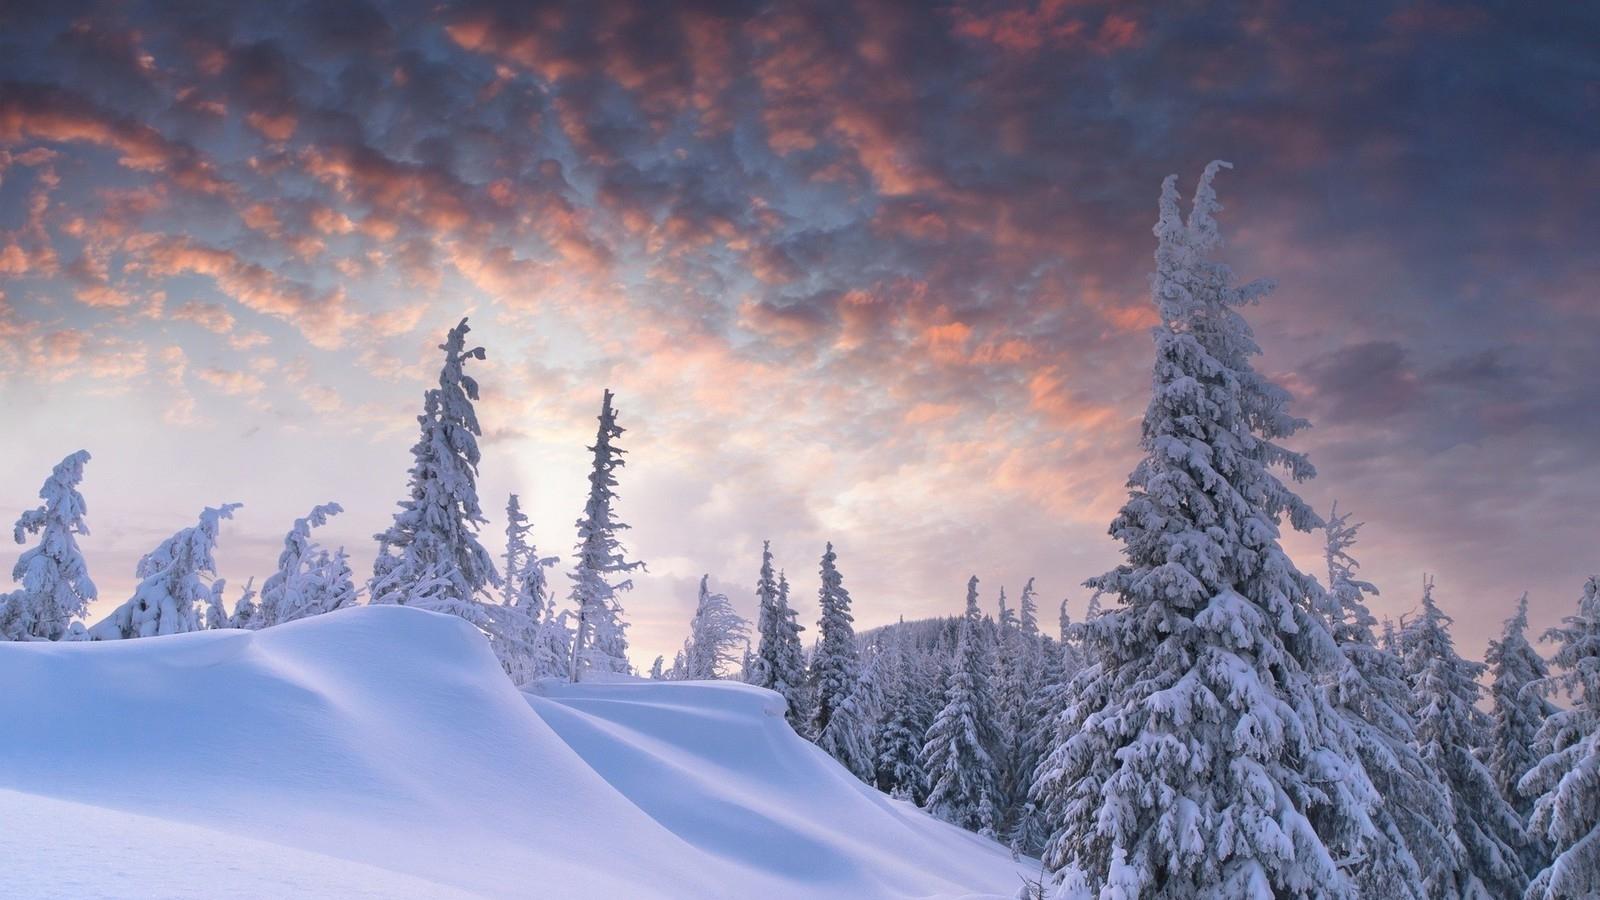 outstanding winter scene wallpaper | allwallpaper.in #10437 | pc | en